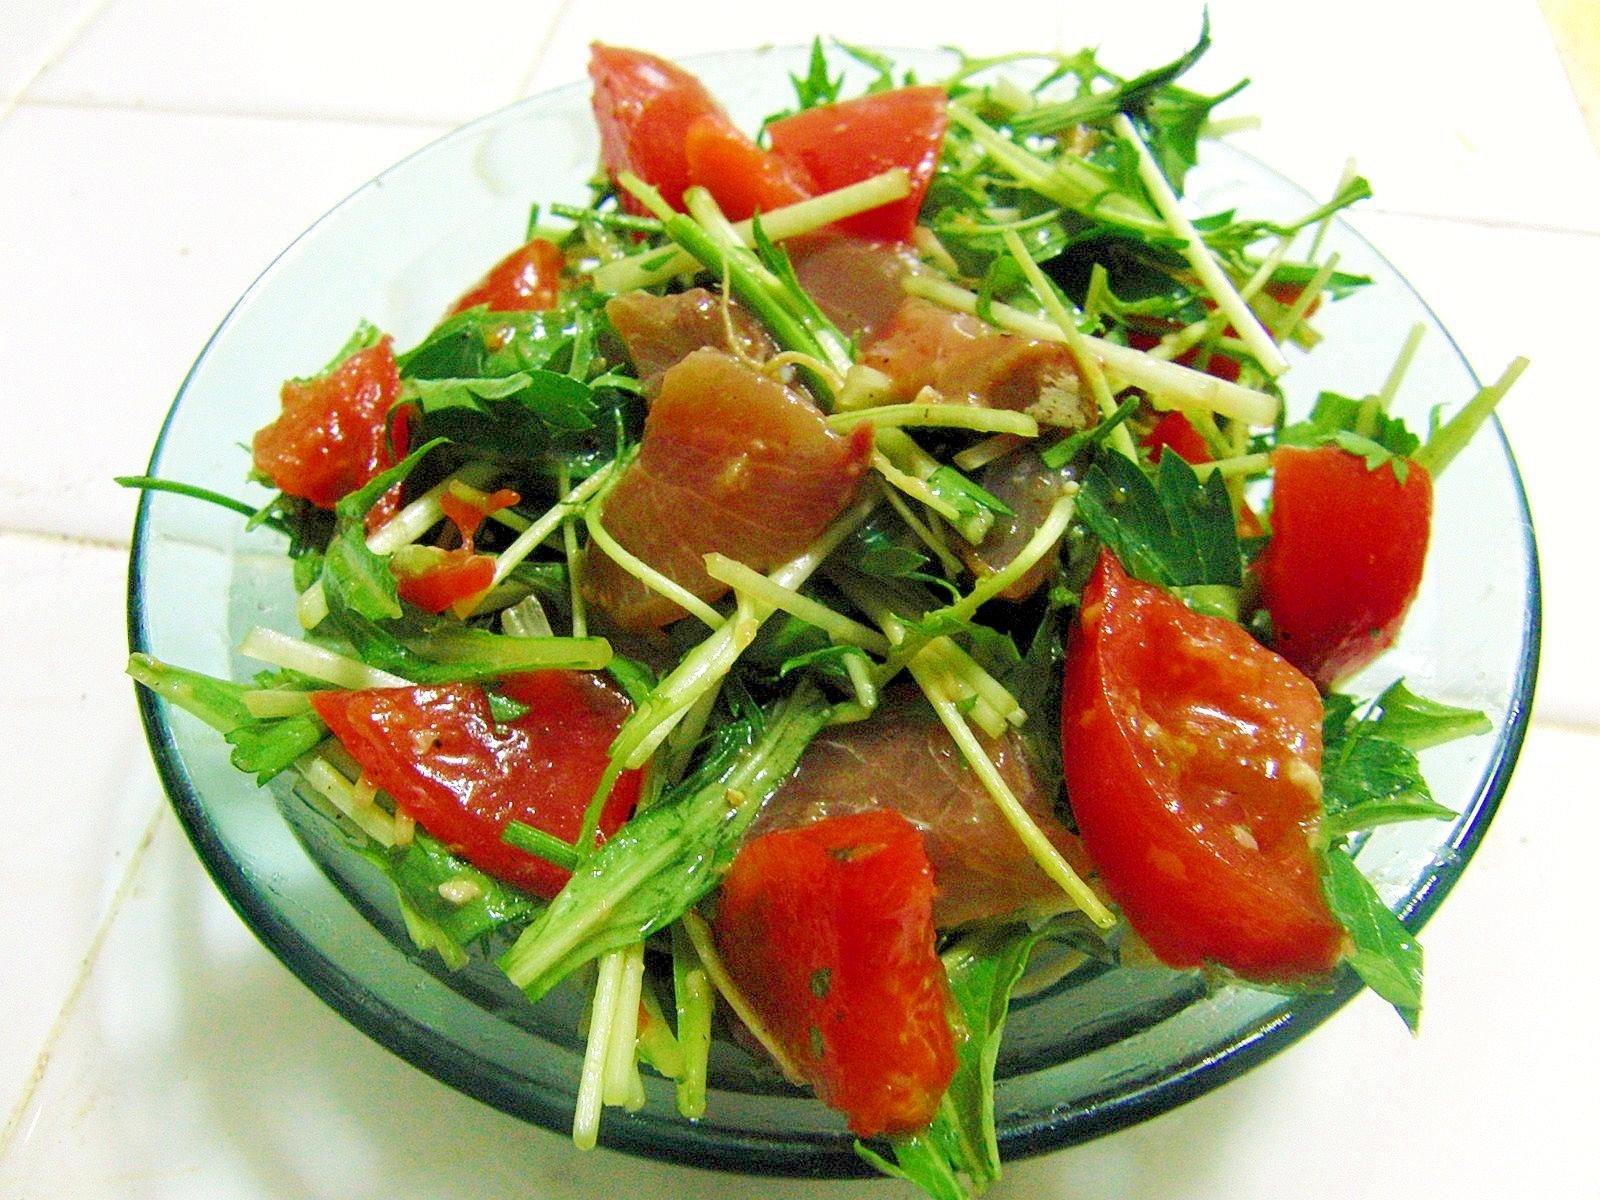 ヤズの生姜醤油麹漬けをサラダにremake